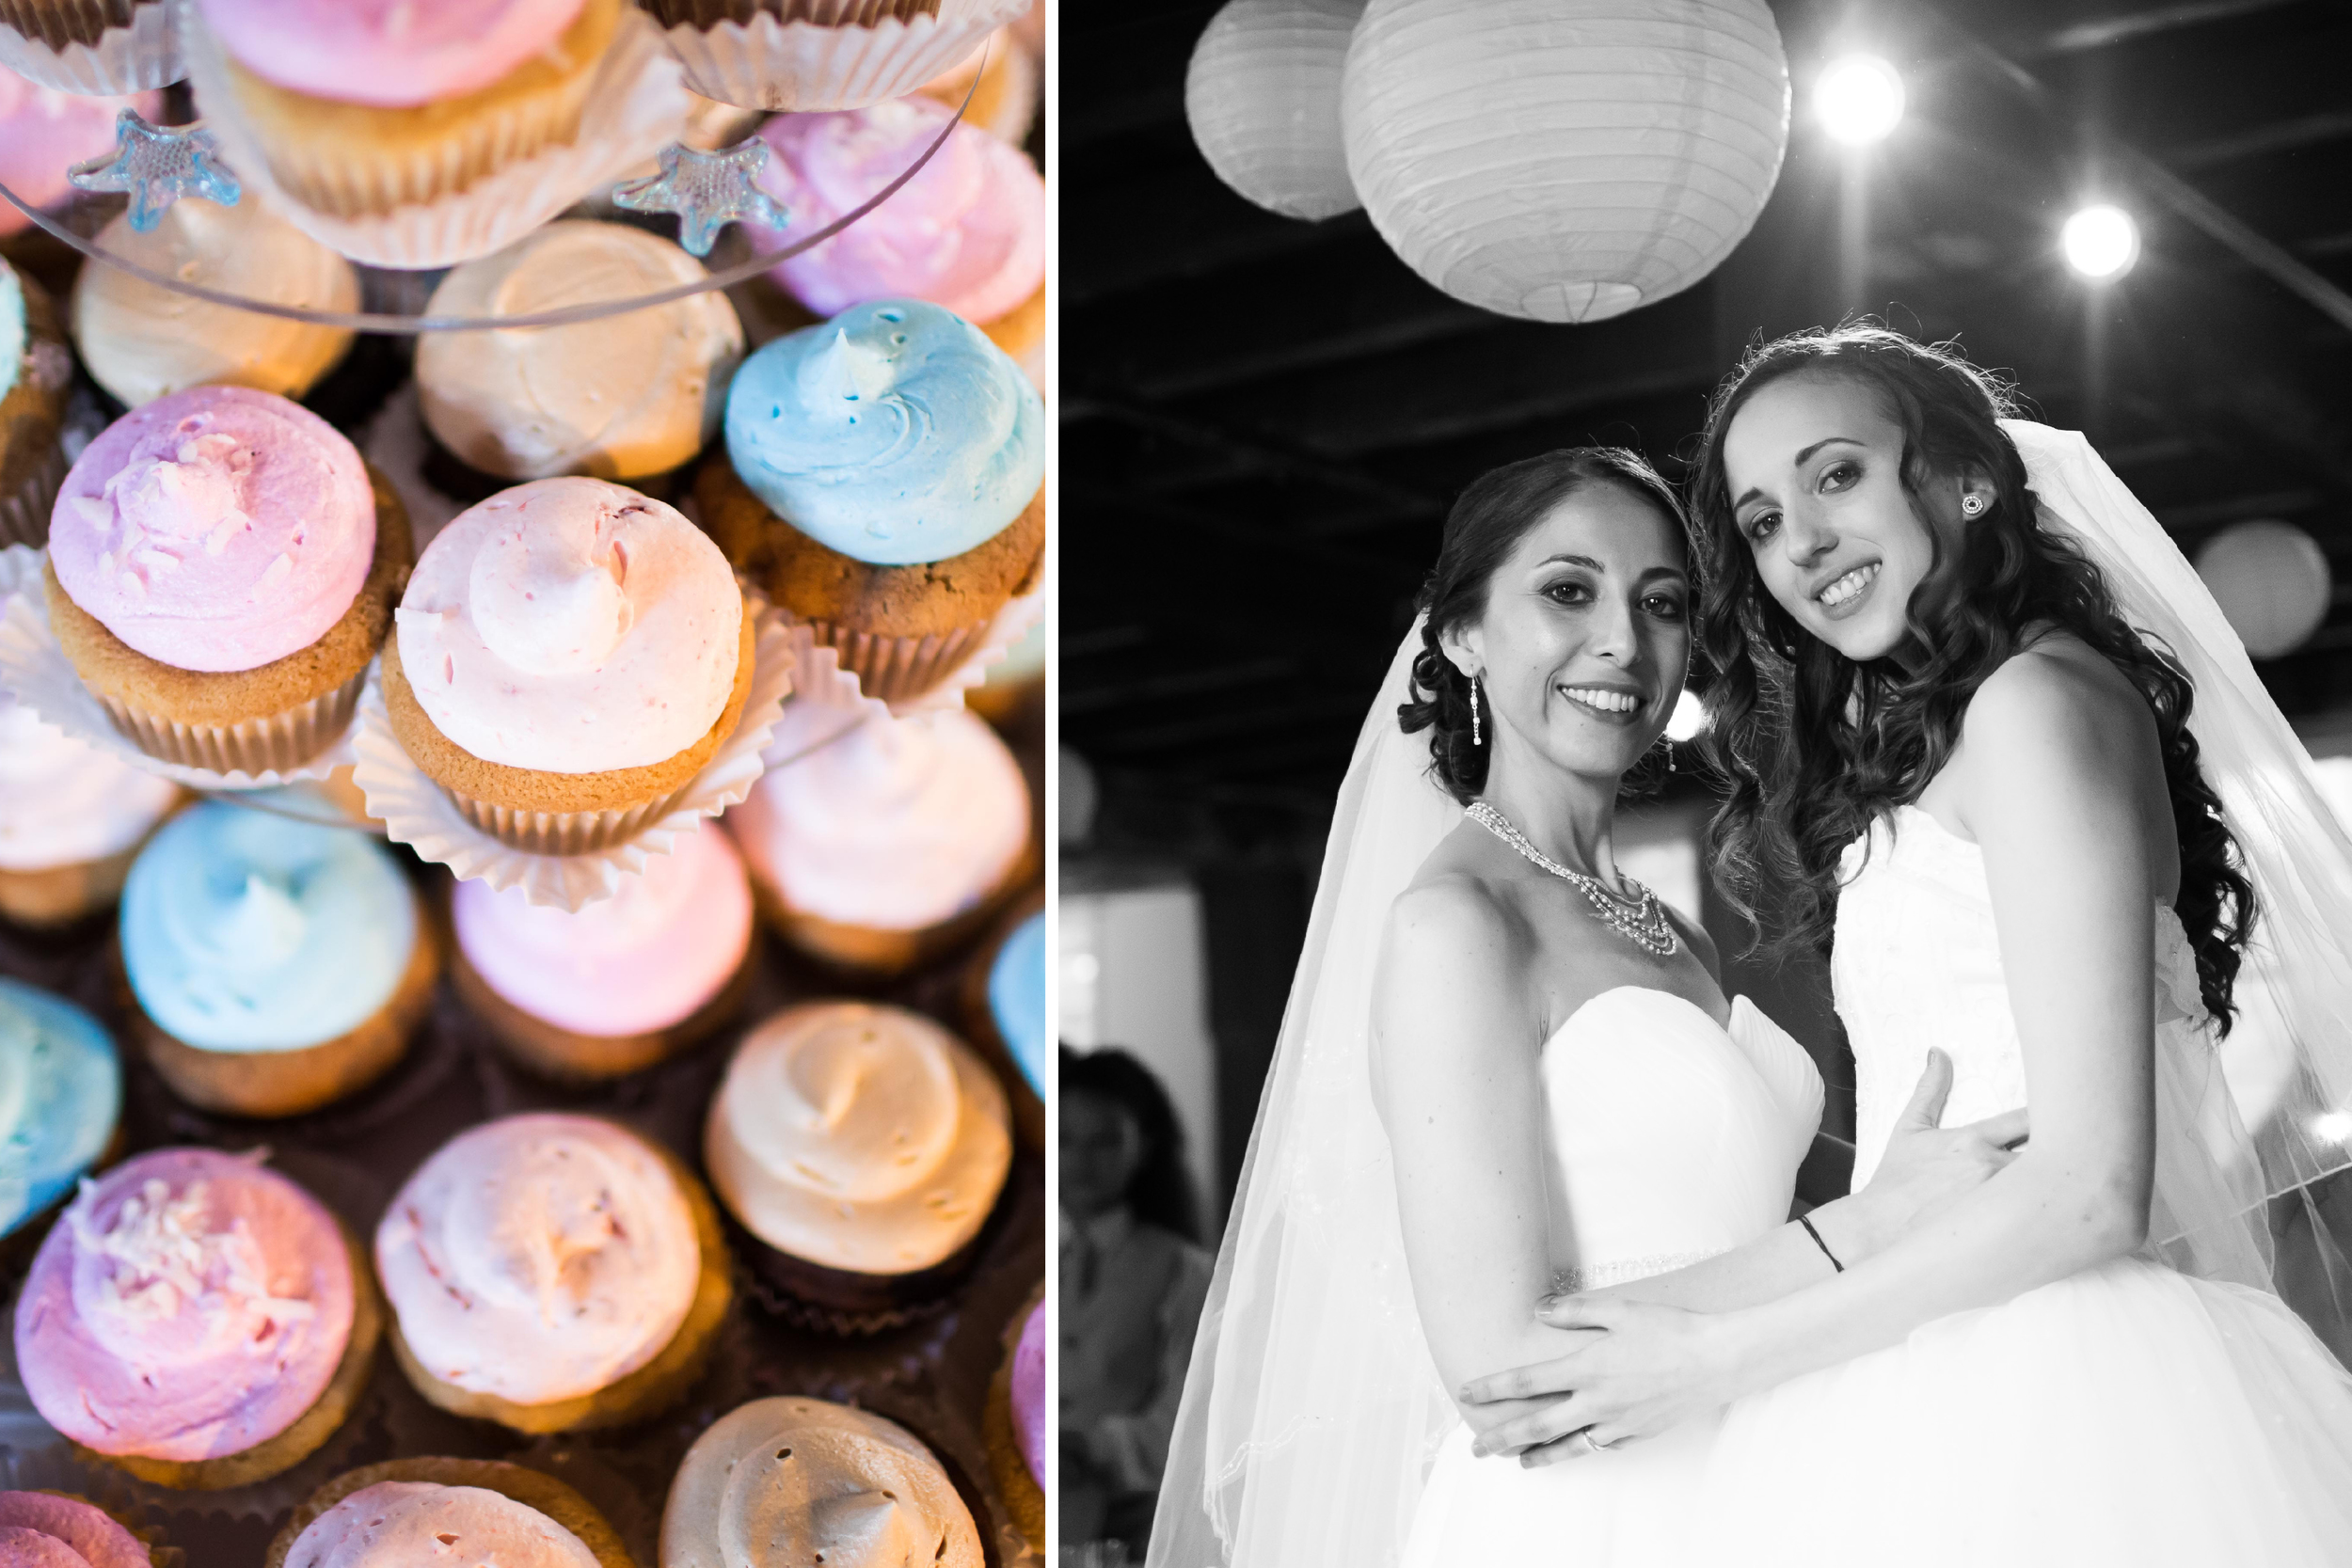 Tracy_Rodriguez_Photography_WeddingPort_LaliKati-Horz-7.jpg